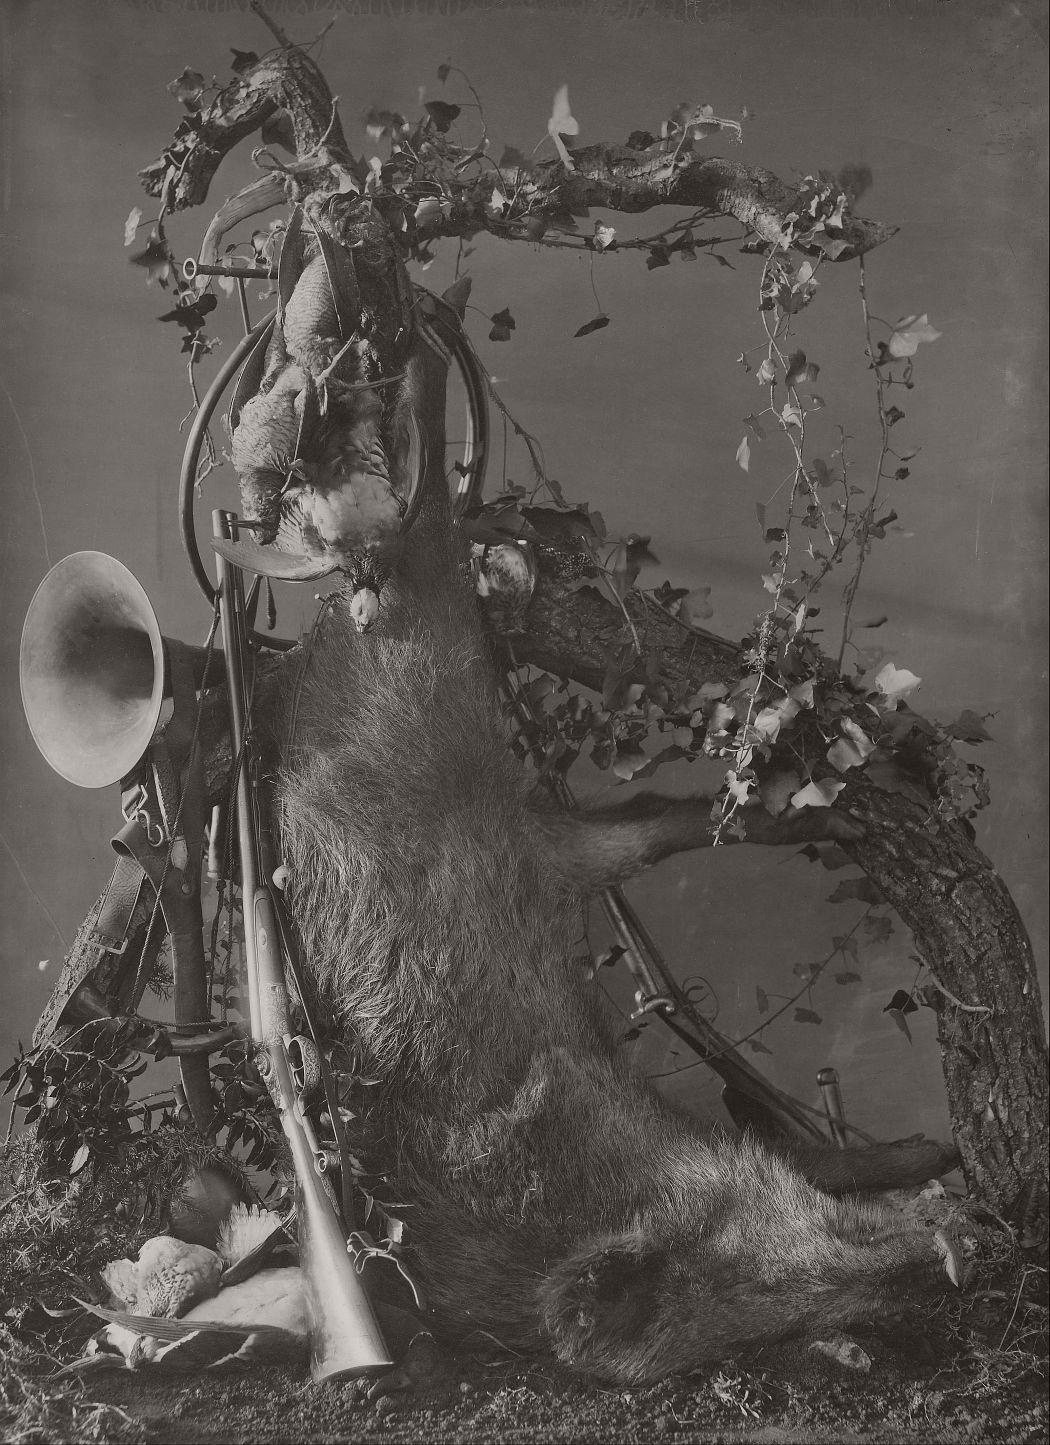 Still Life of a Hunting Scene, 1867.